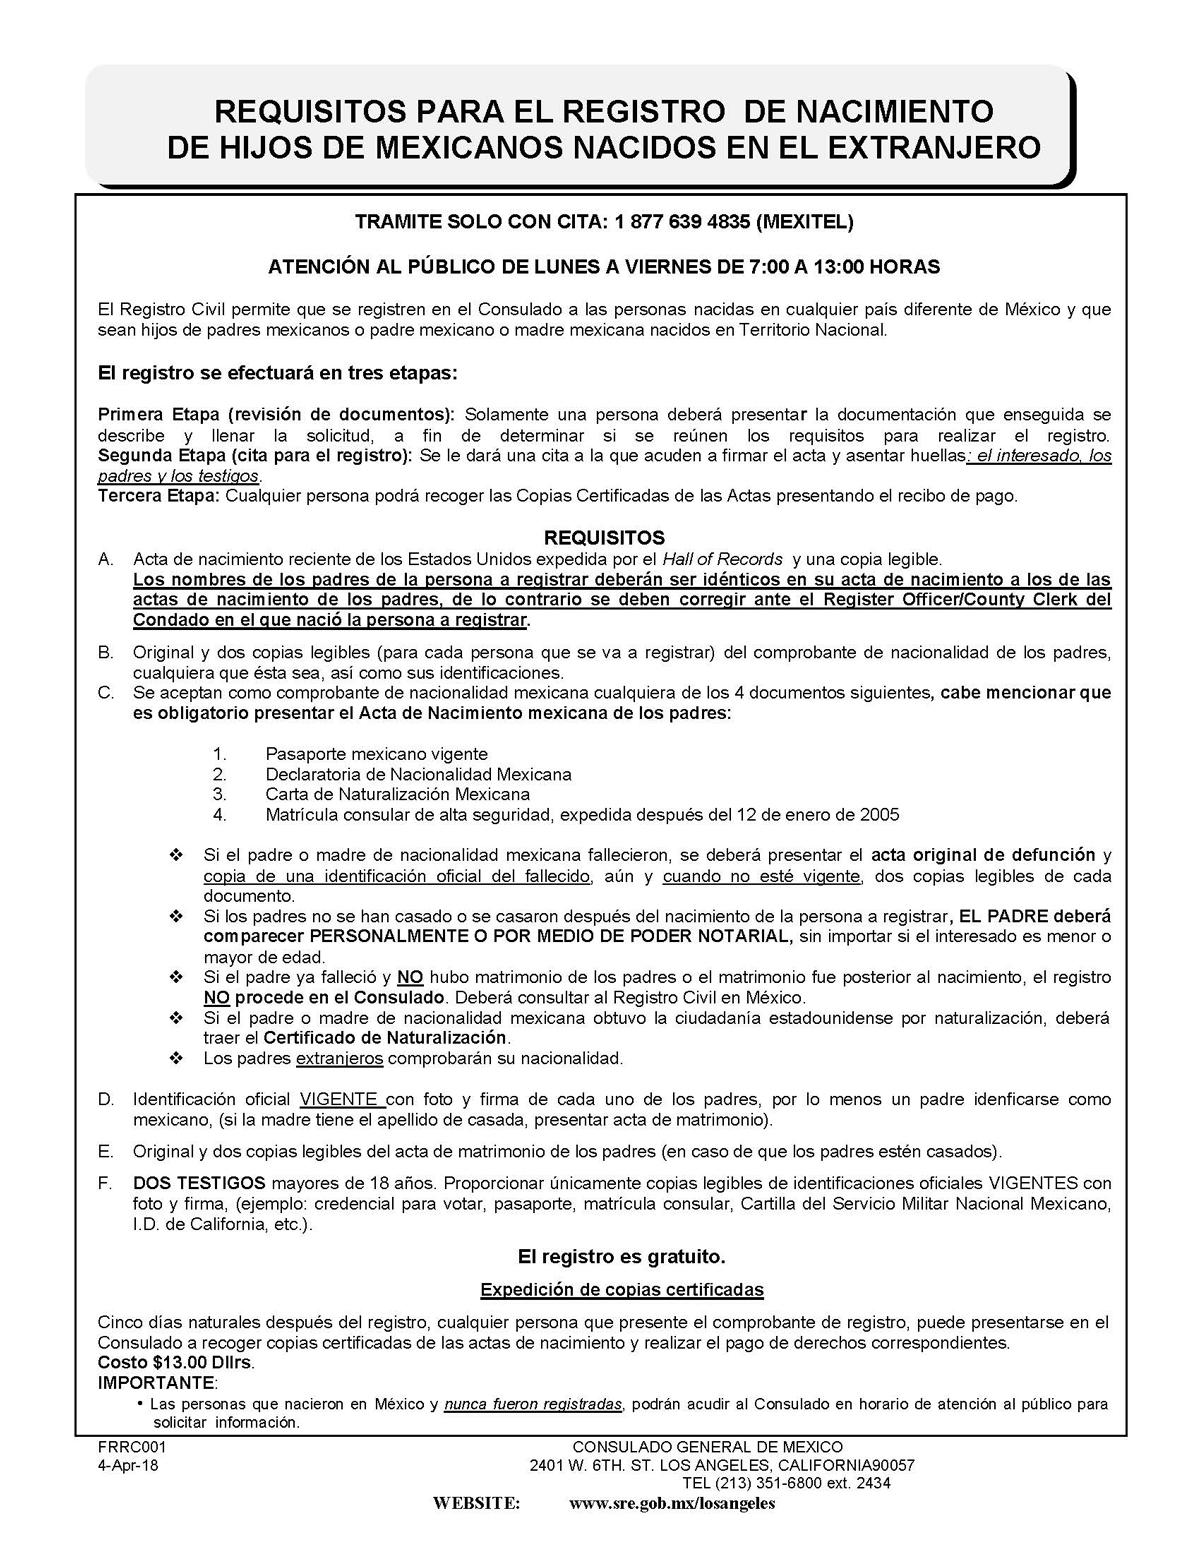 Registro de nacimiento de hijos de mexicanos nacidos en el extranjero